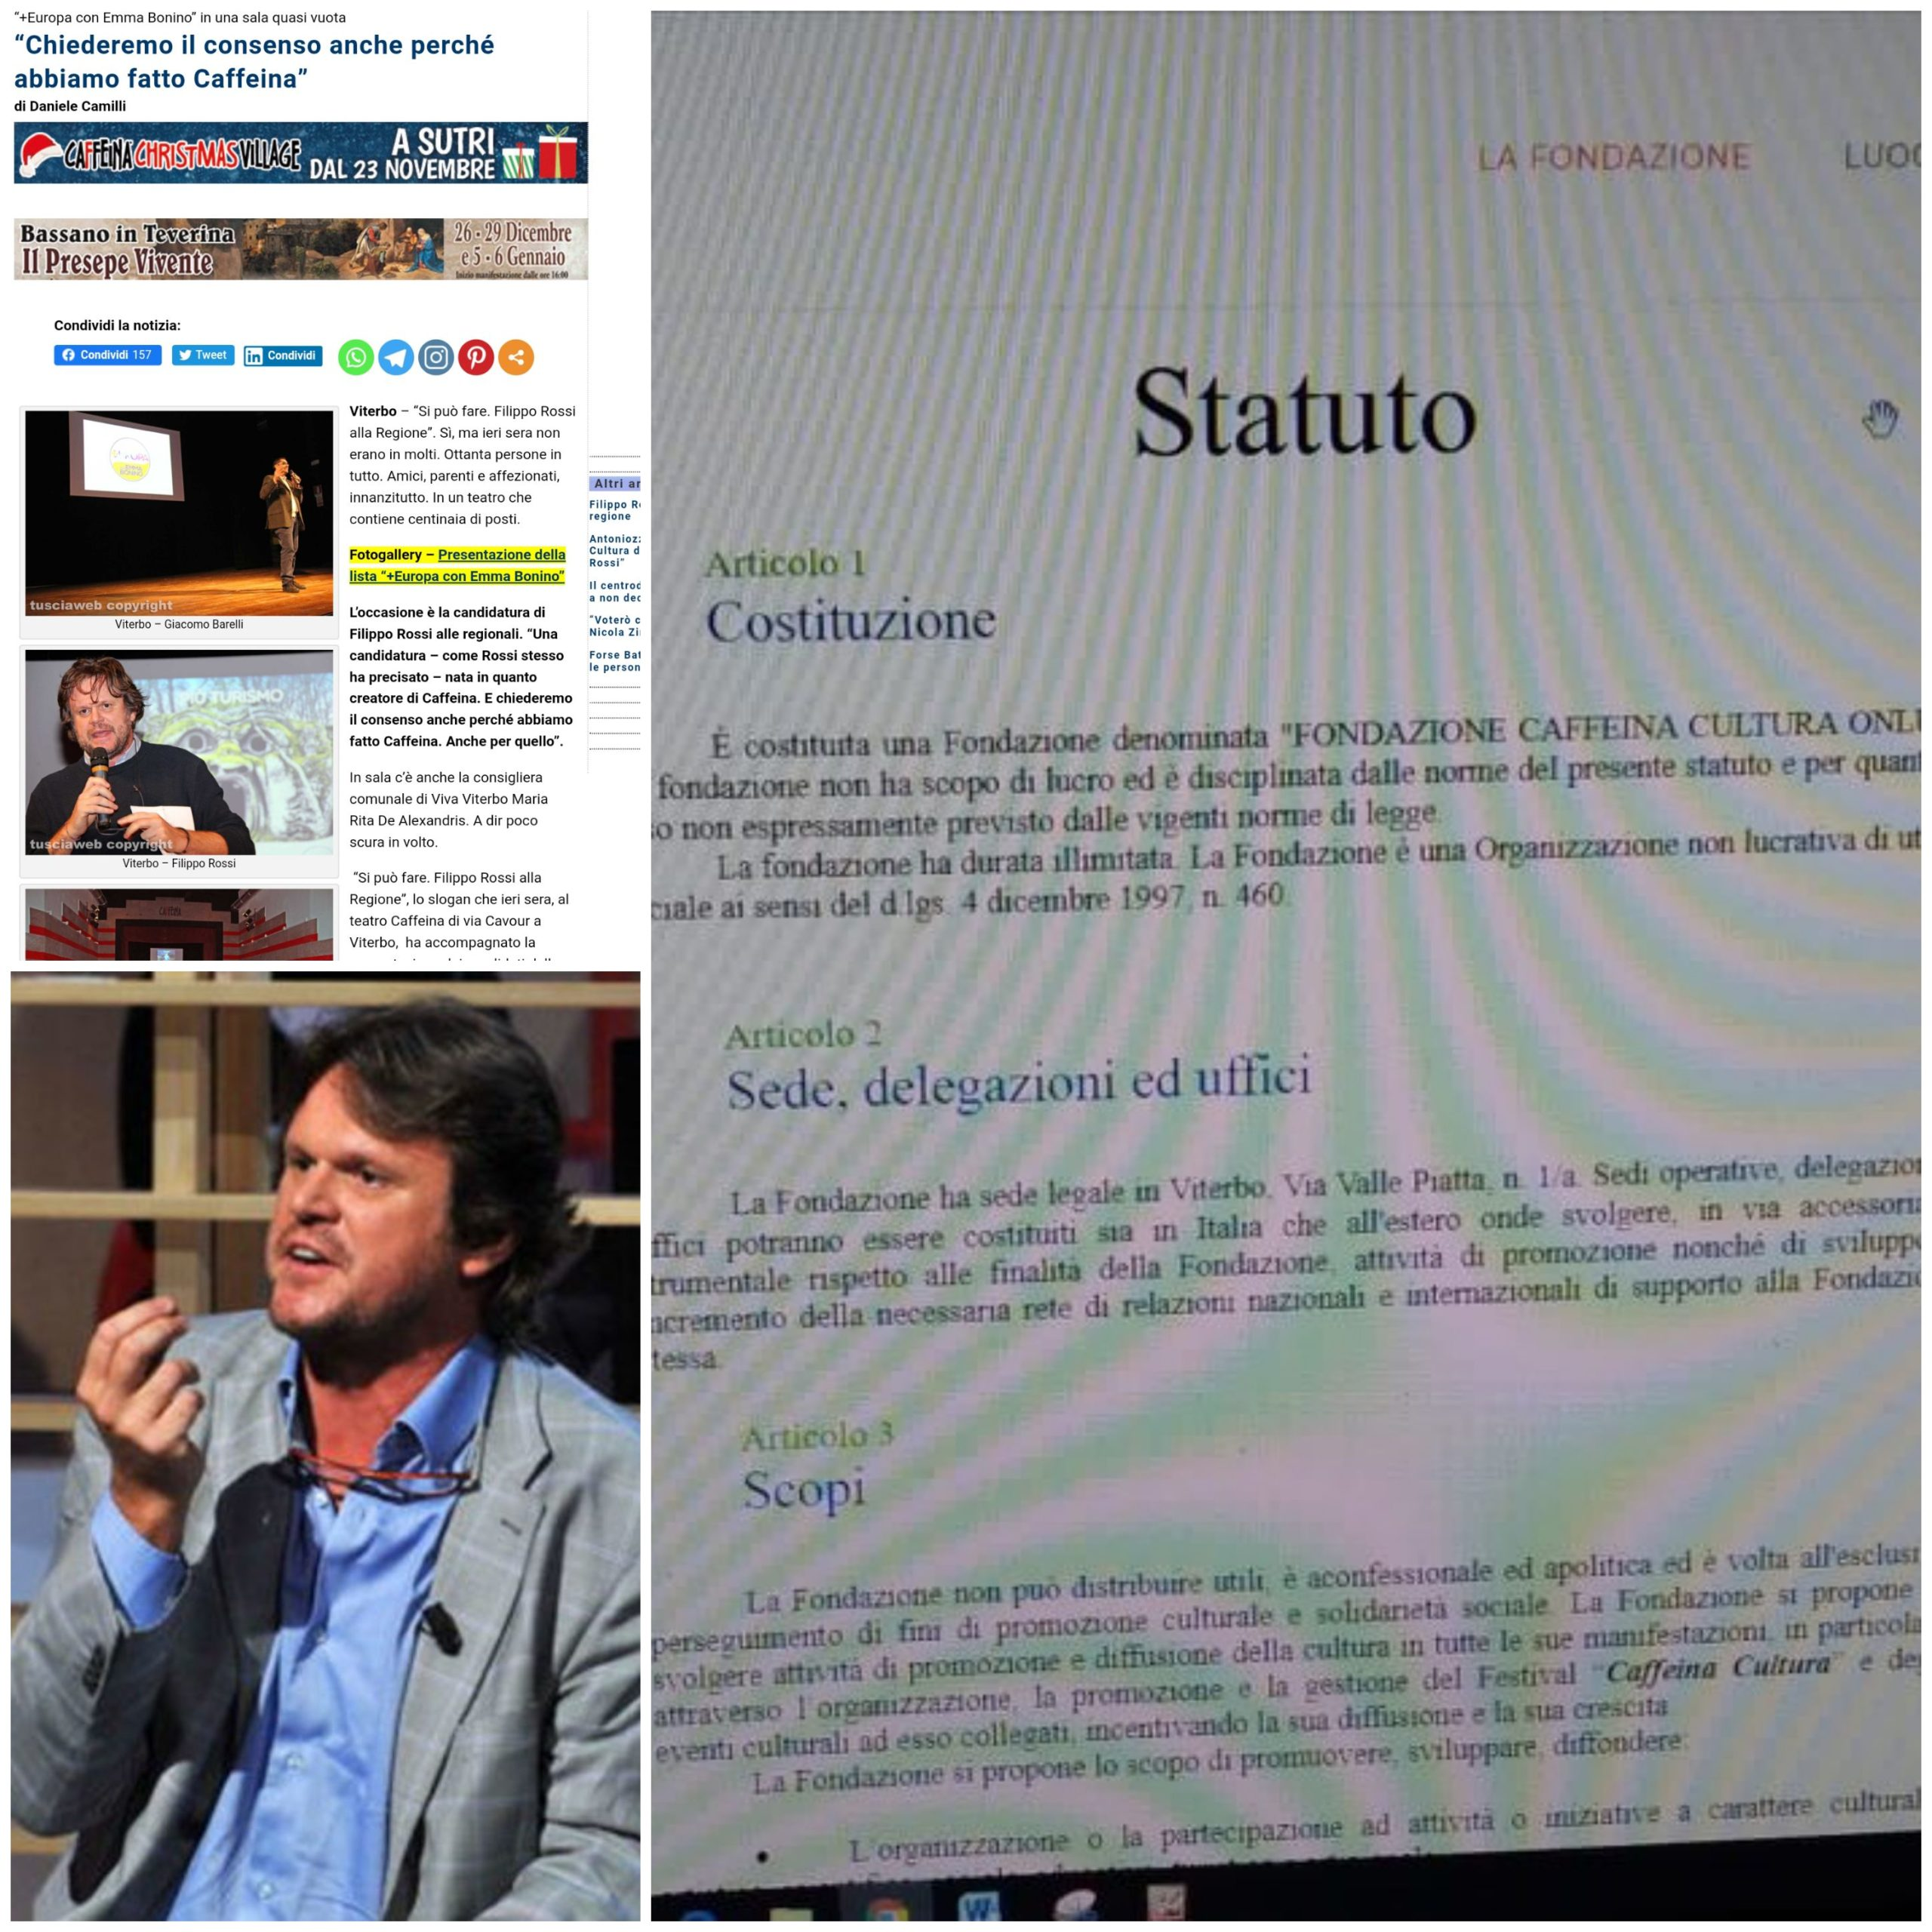 """Viterbo, politica e cultura, la nota, Filippo Rossi chiese il voto per le regionali a favore di Zingaretti in quanto """"creatore di Caffeina"""", ma la """"Fondazione"""" per statuto era nata """"apolitica e apartitica"""""""